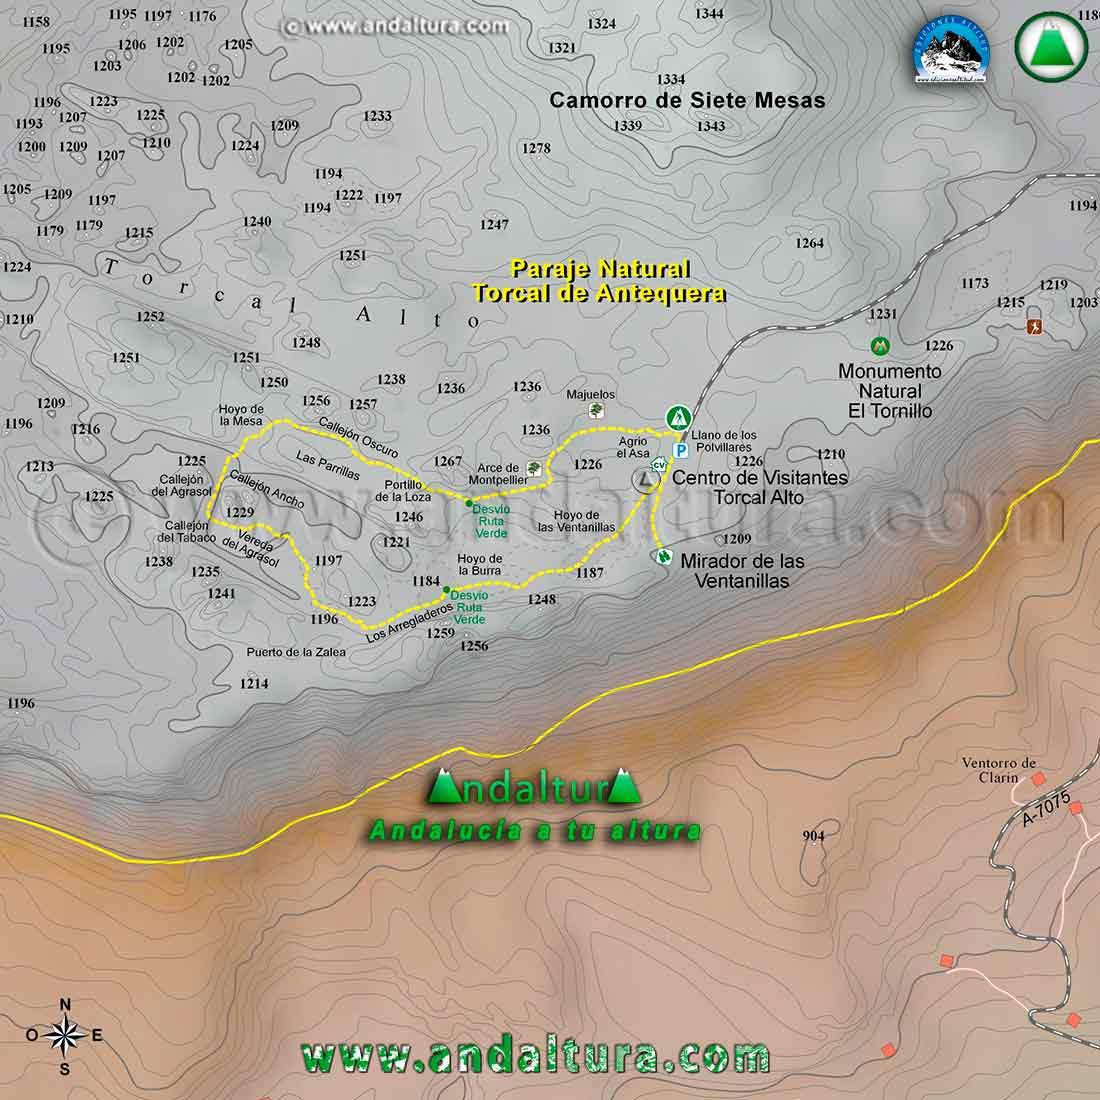 Mapa Cartográfico de la Ruta de Senderismo de la Ruta Amarilla por el Torcal de Andquera